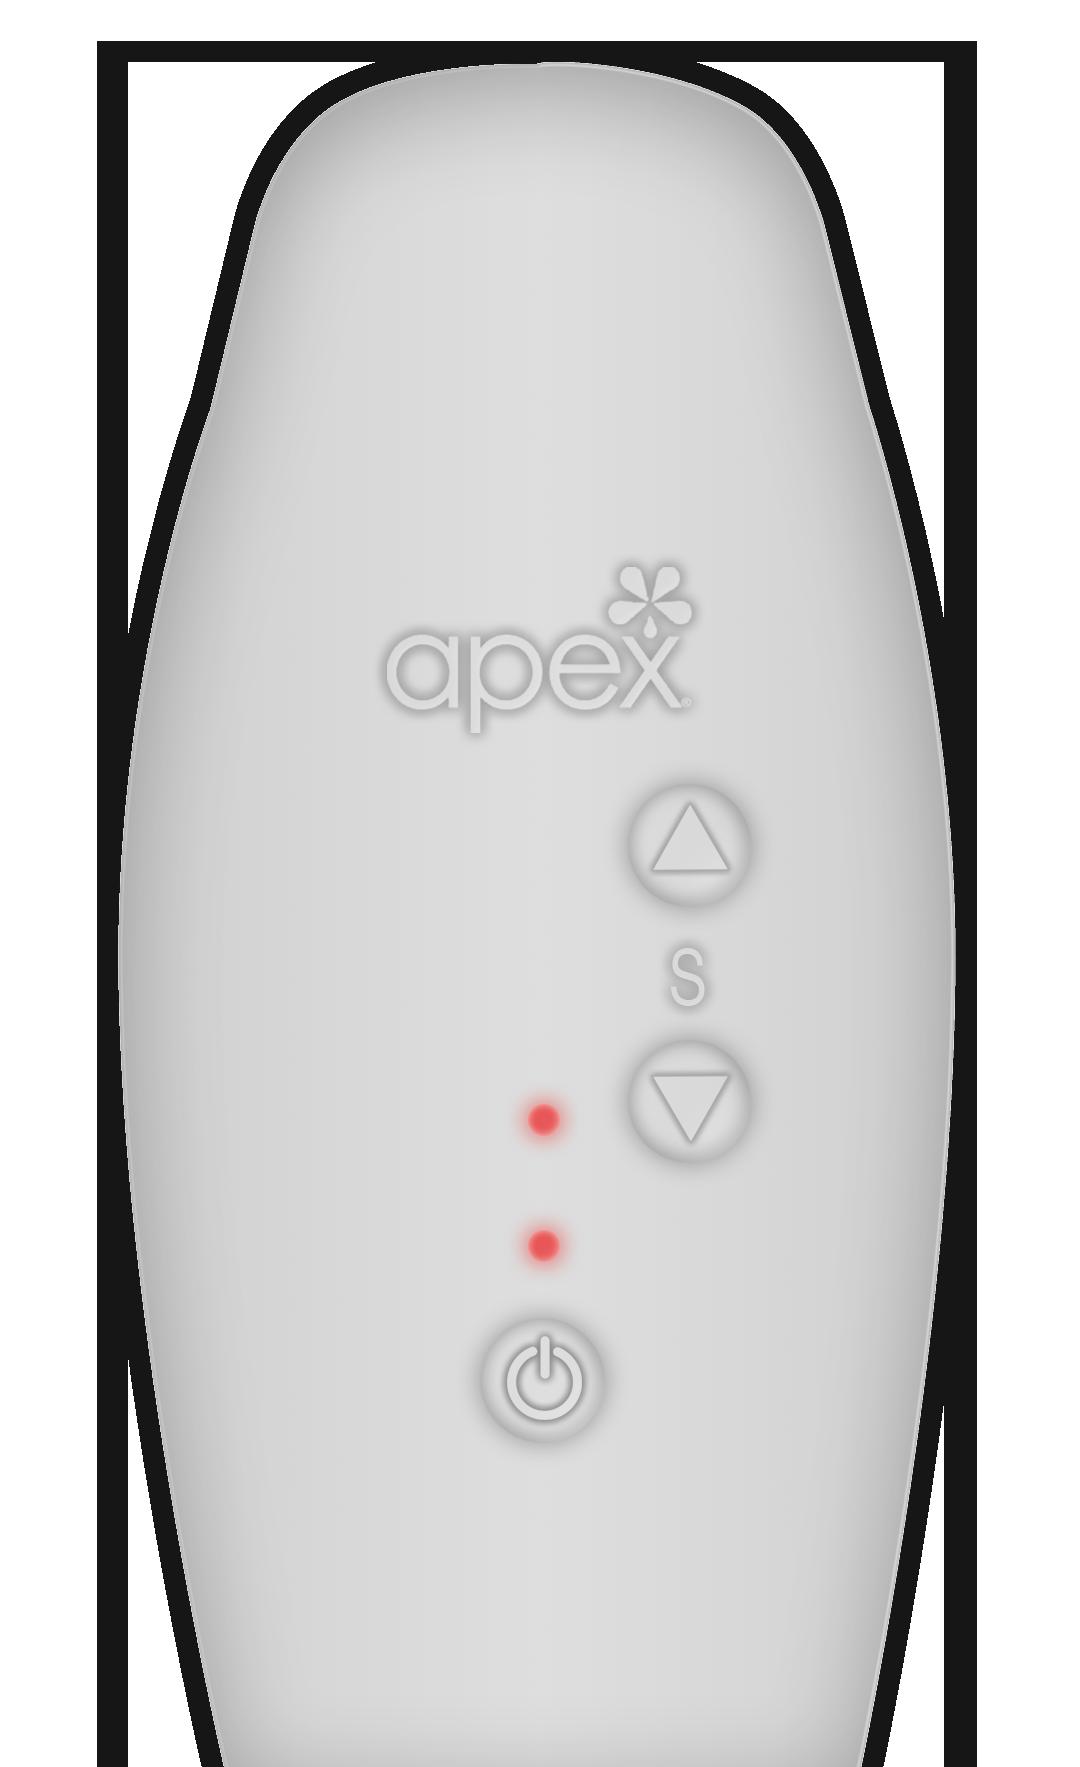 Apex Automatic Pelvic Exerciser